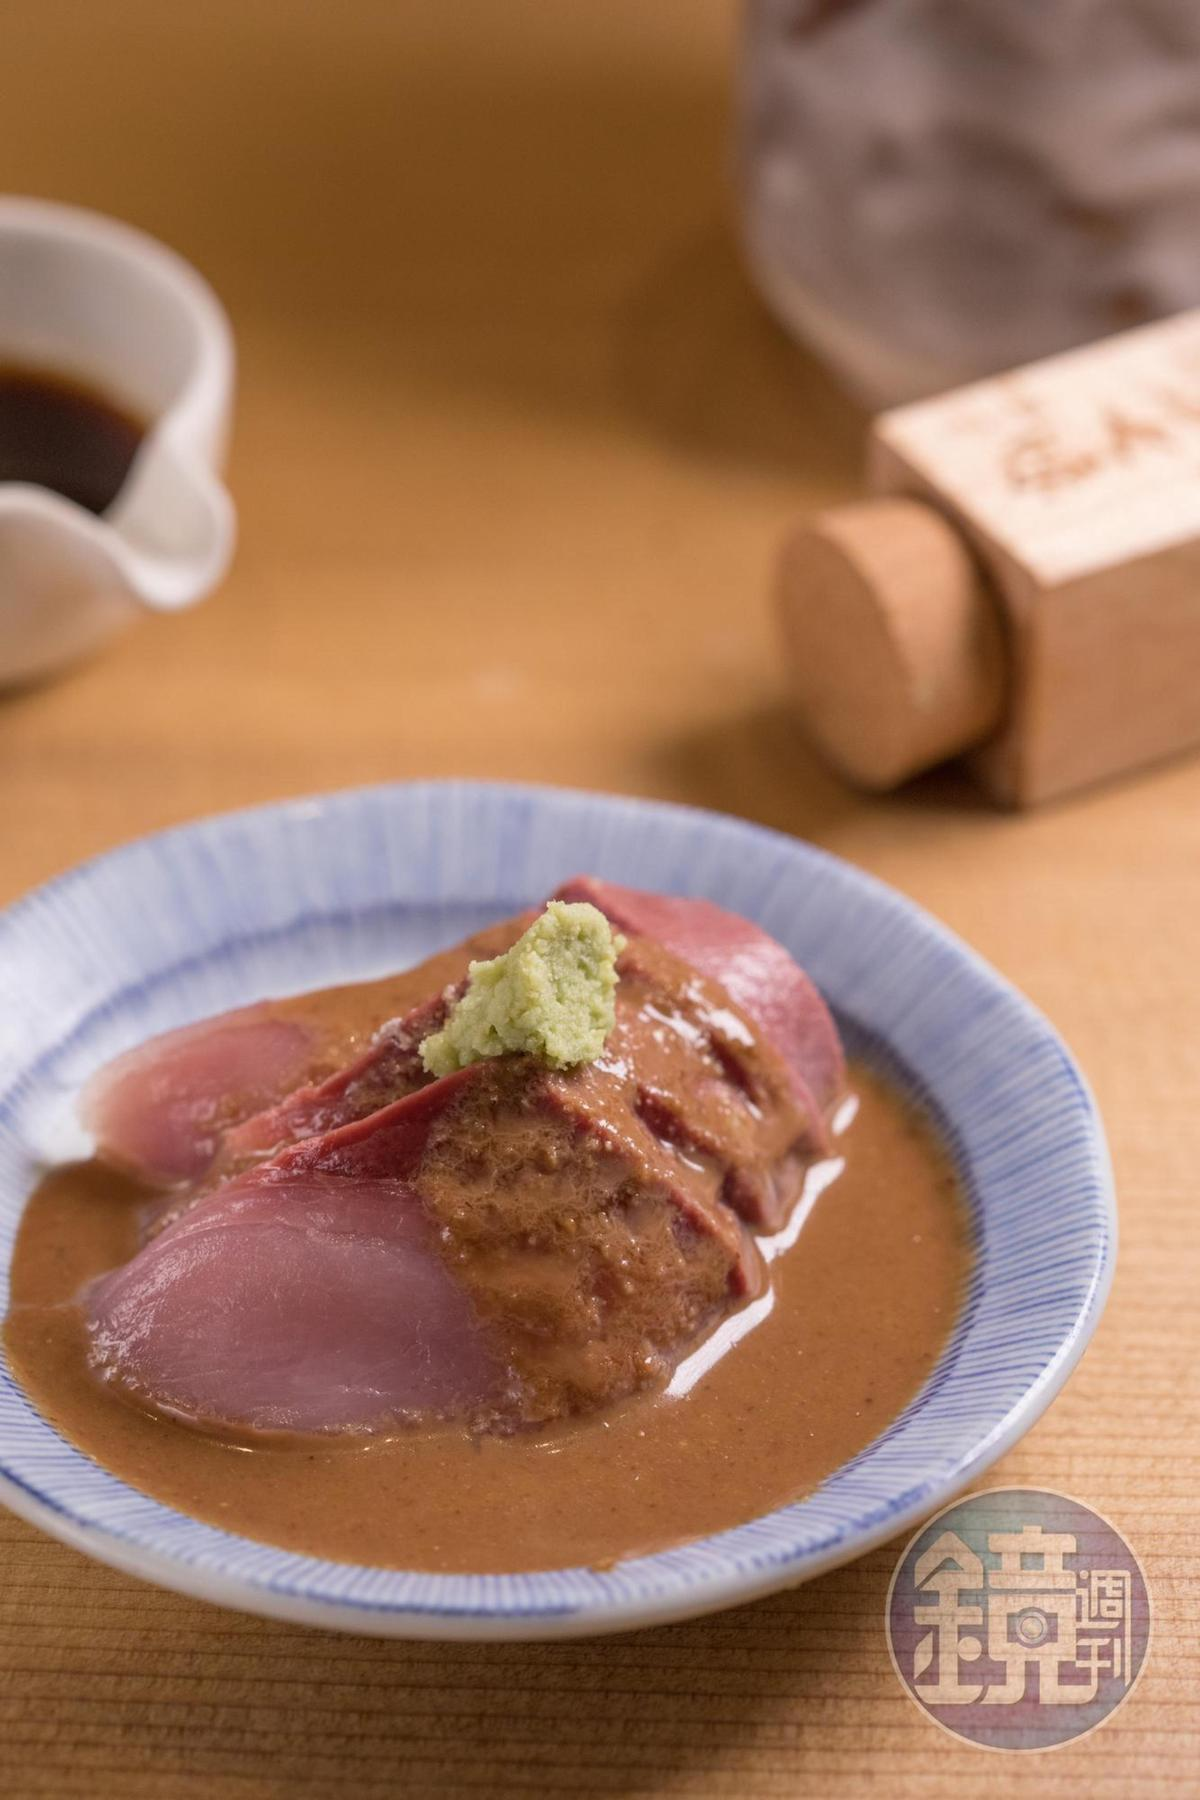 只要點餐,就會得到這盤淋有胡麻醬油的季節生魚片,別急著全部吃完,記得留一半加進茶泡飯。